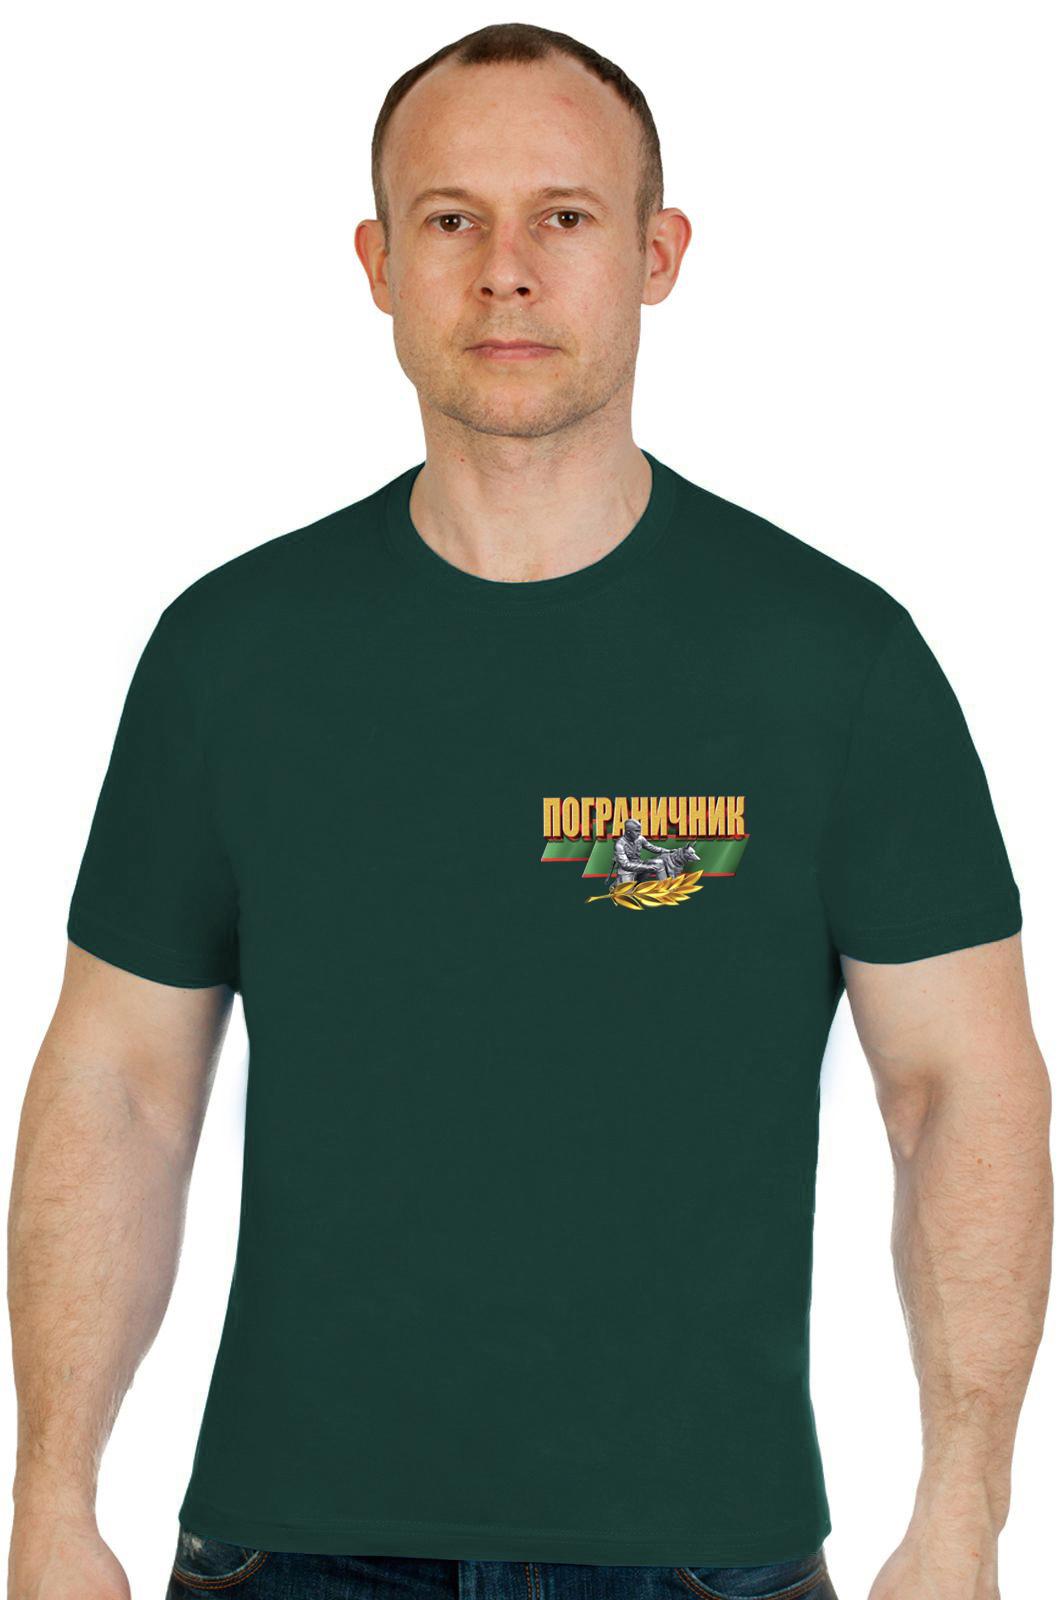 Темно-зеленая мужская футболка Пограничник - купить с доставкой